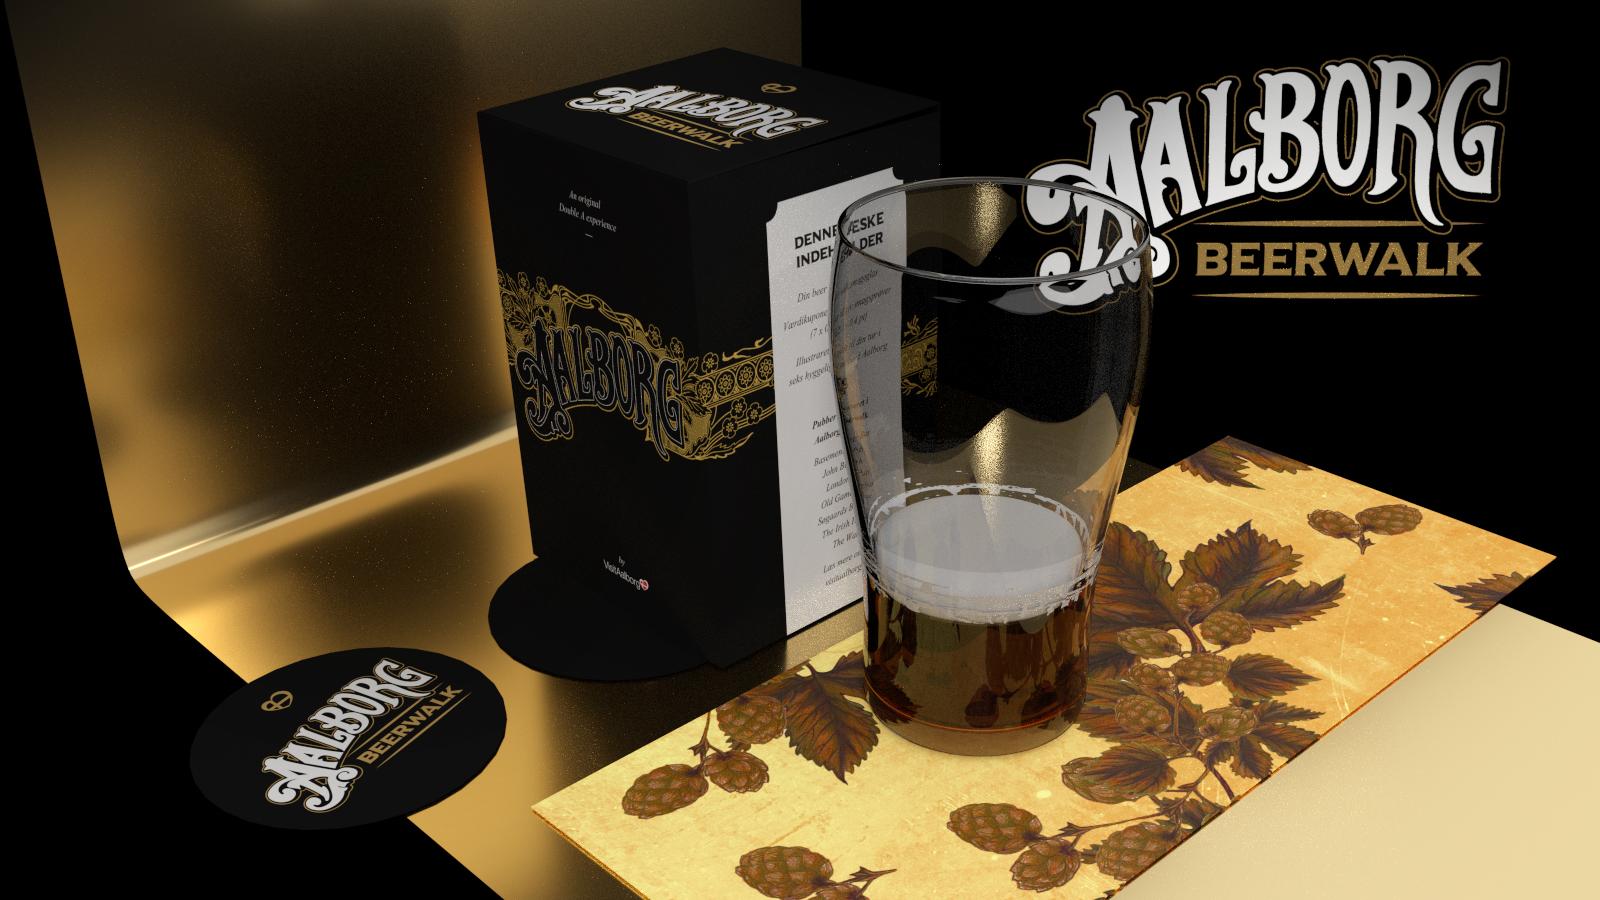 aalborg beerwalk packaging